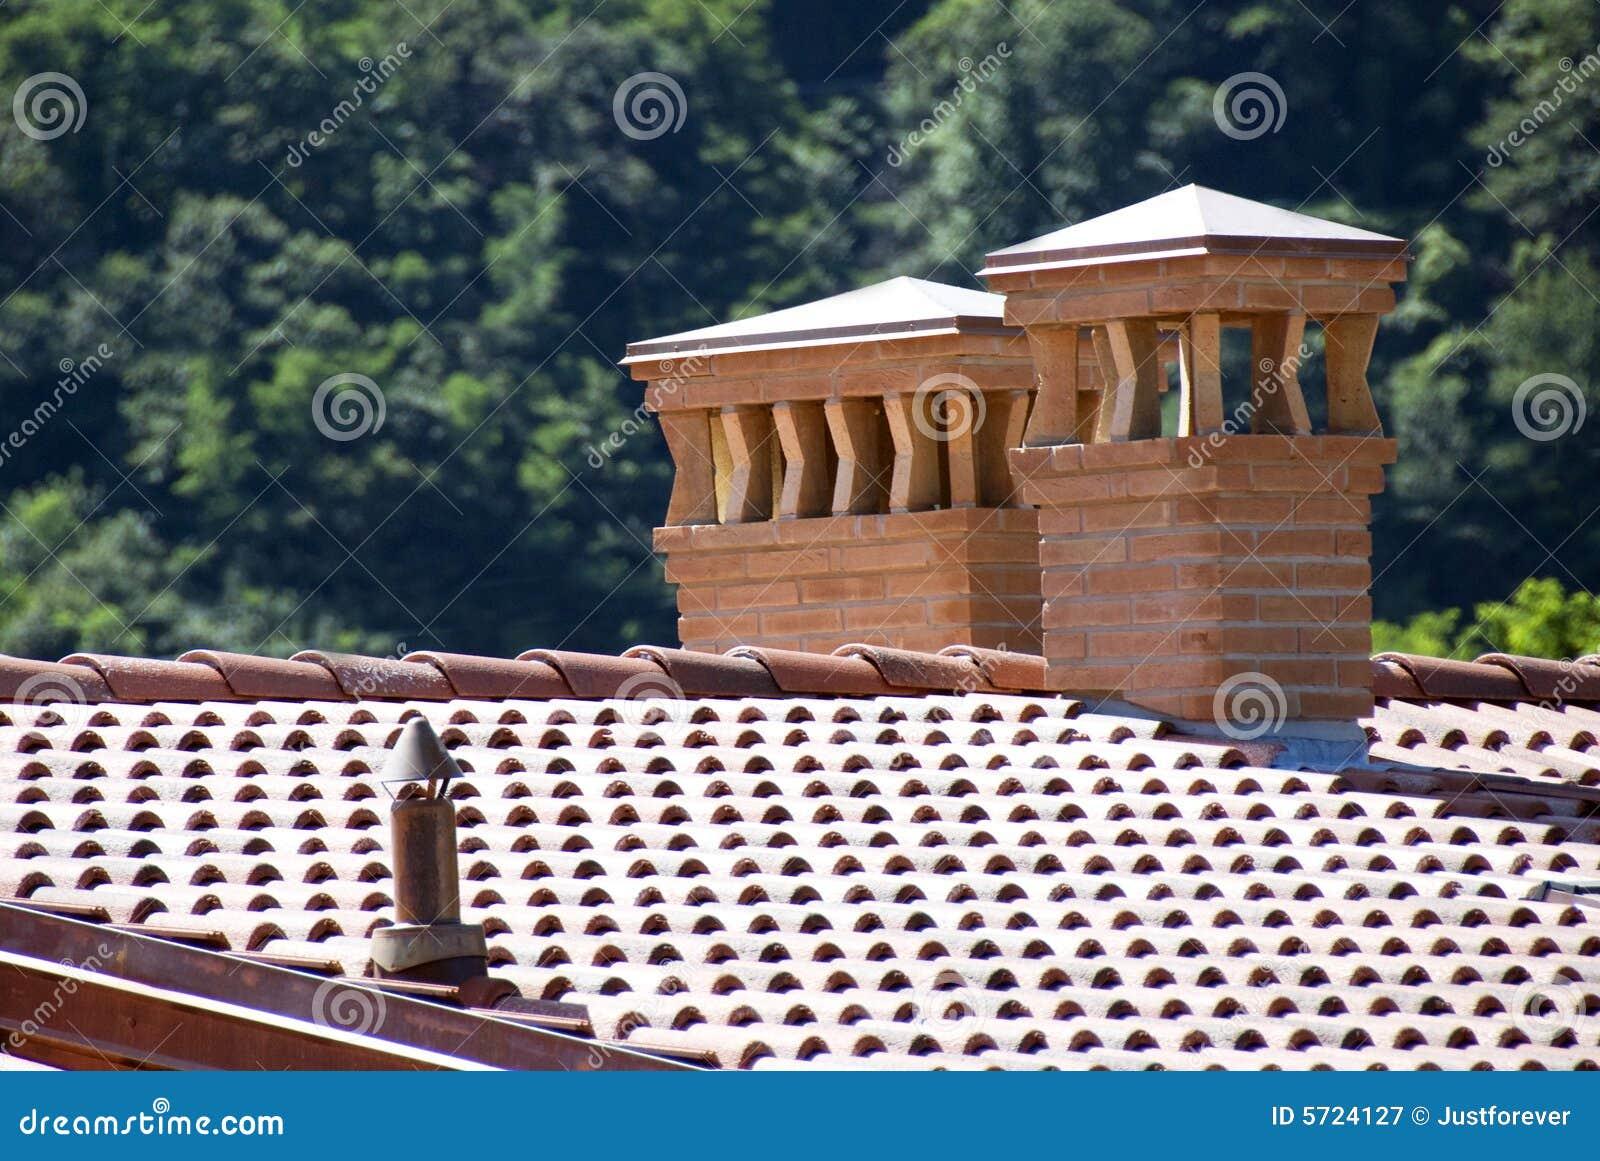 Chimeneas del ladrillo fotograf a de archivo libre de - Construccion de chimeneas de ladrillo ...